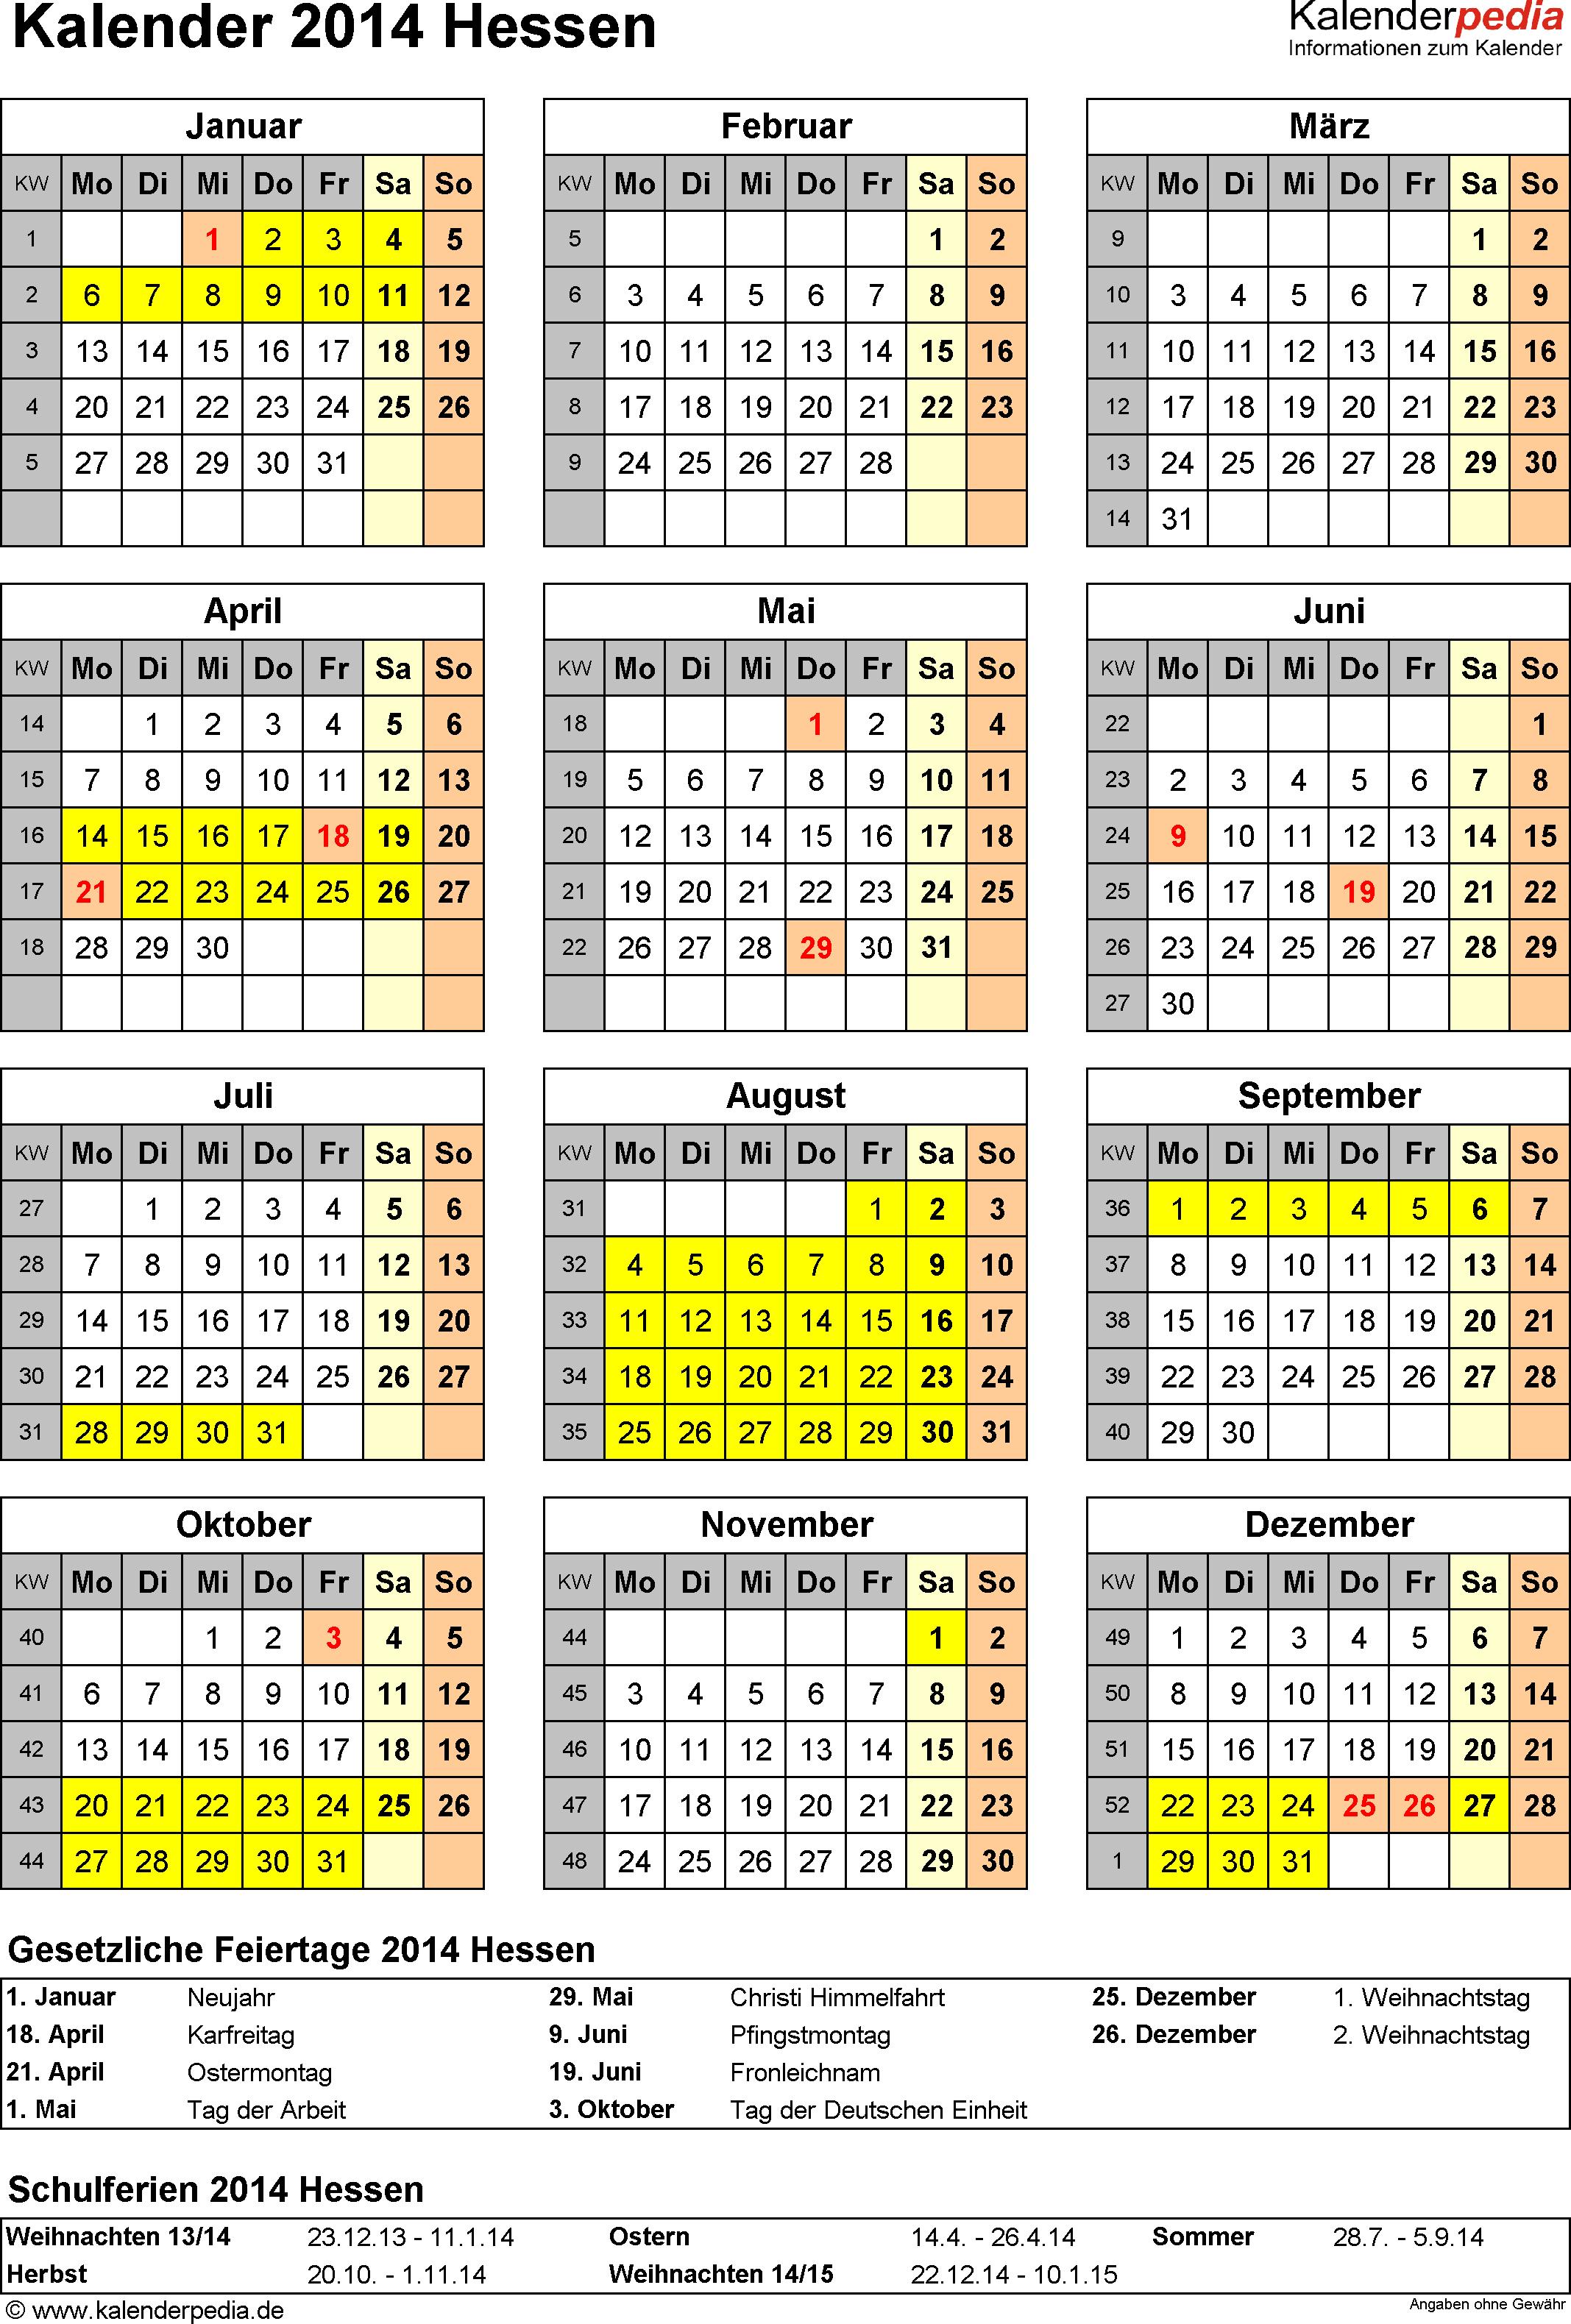 Vorlage 4: Kalender Hessen 2014 als Word-Vorlage (Hochformat)